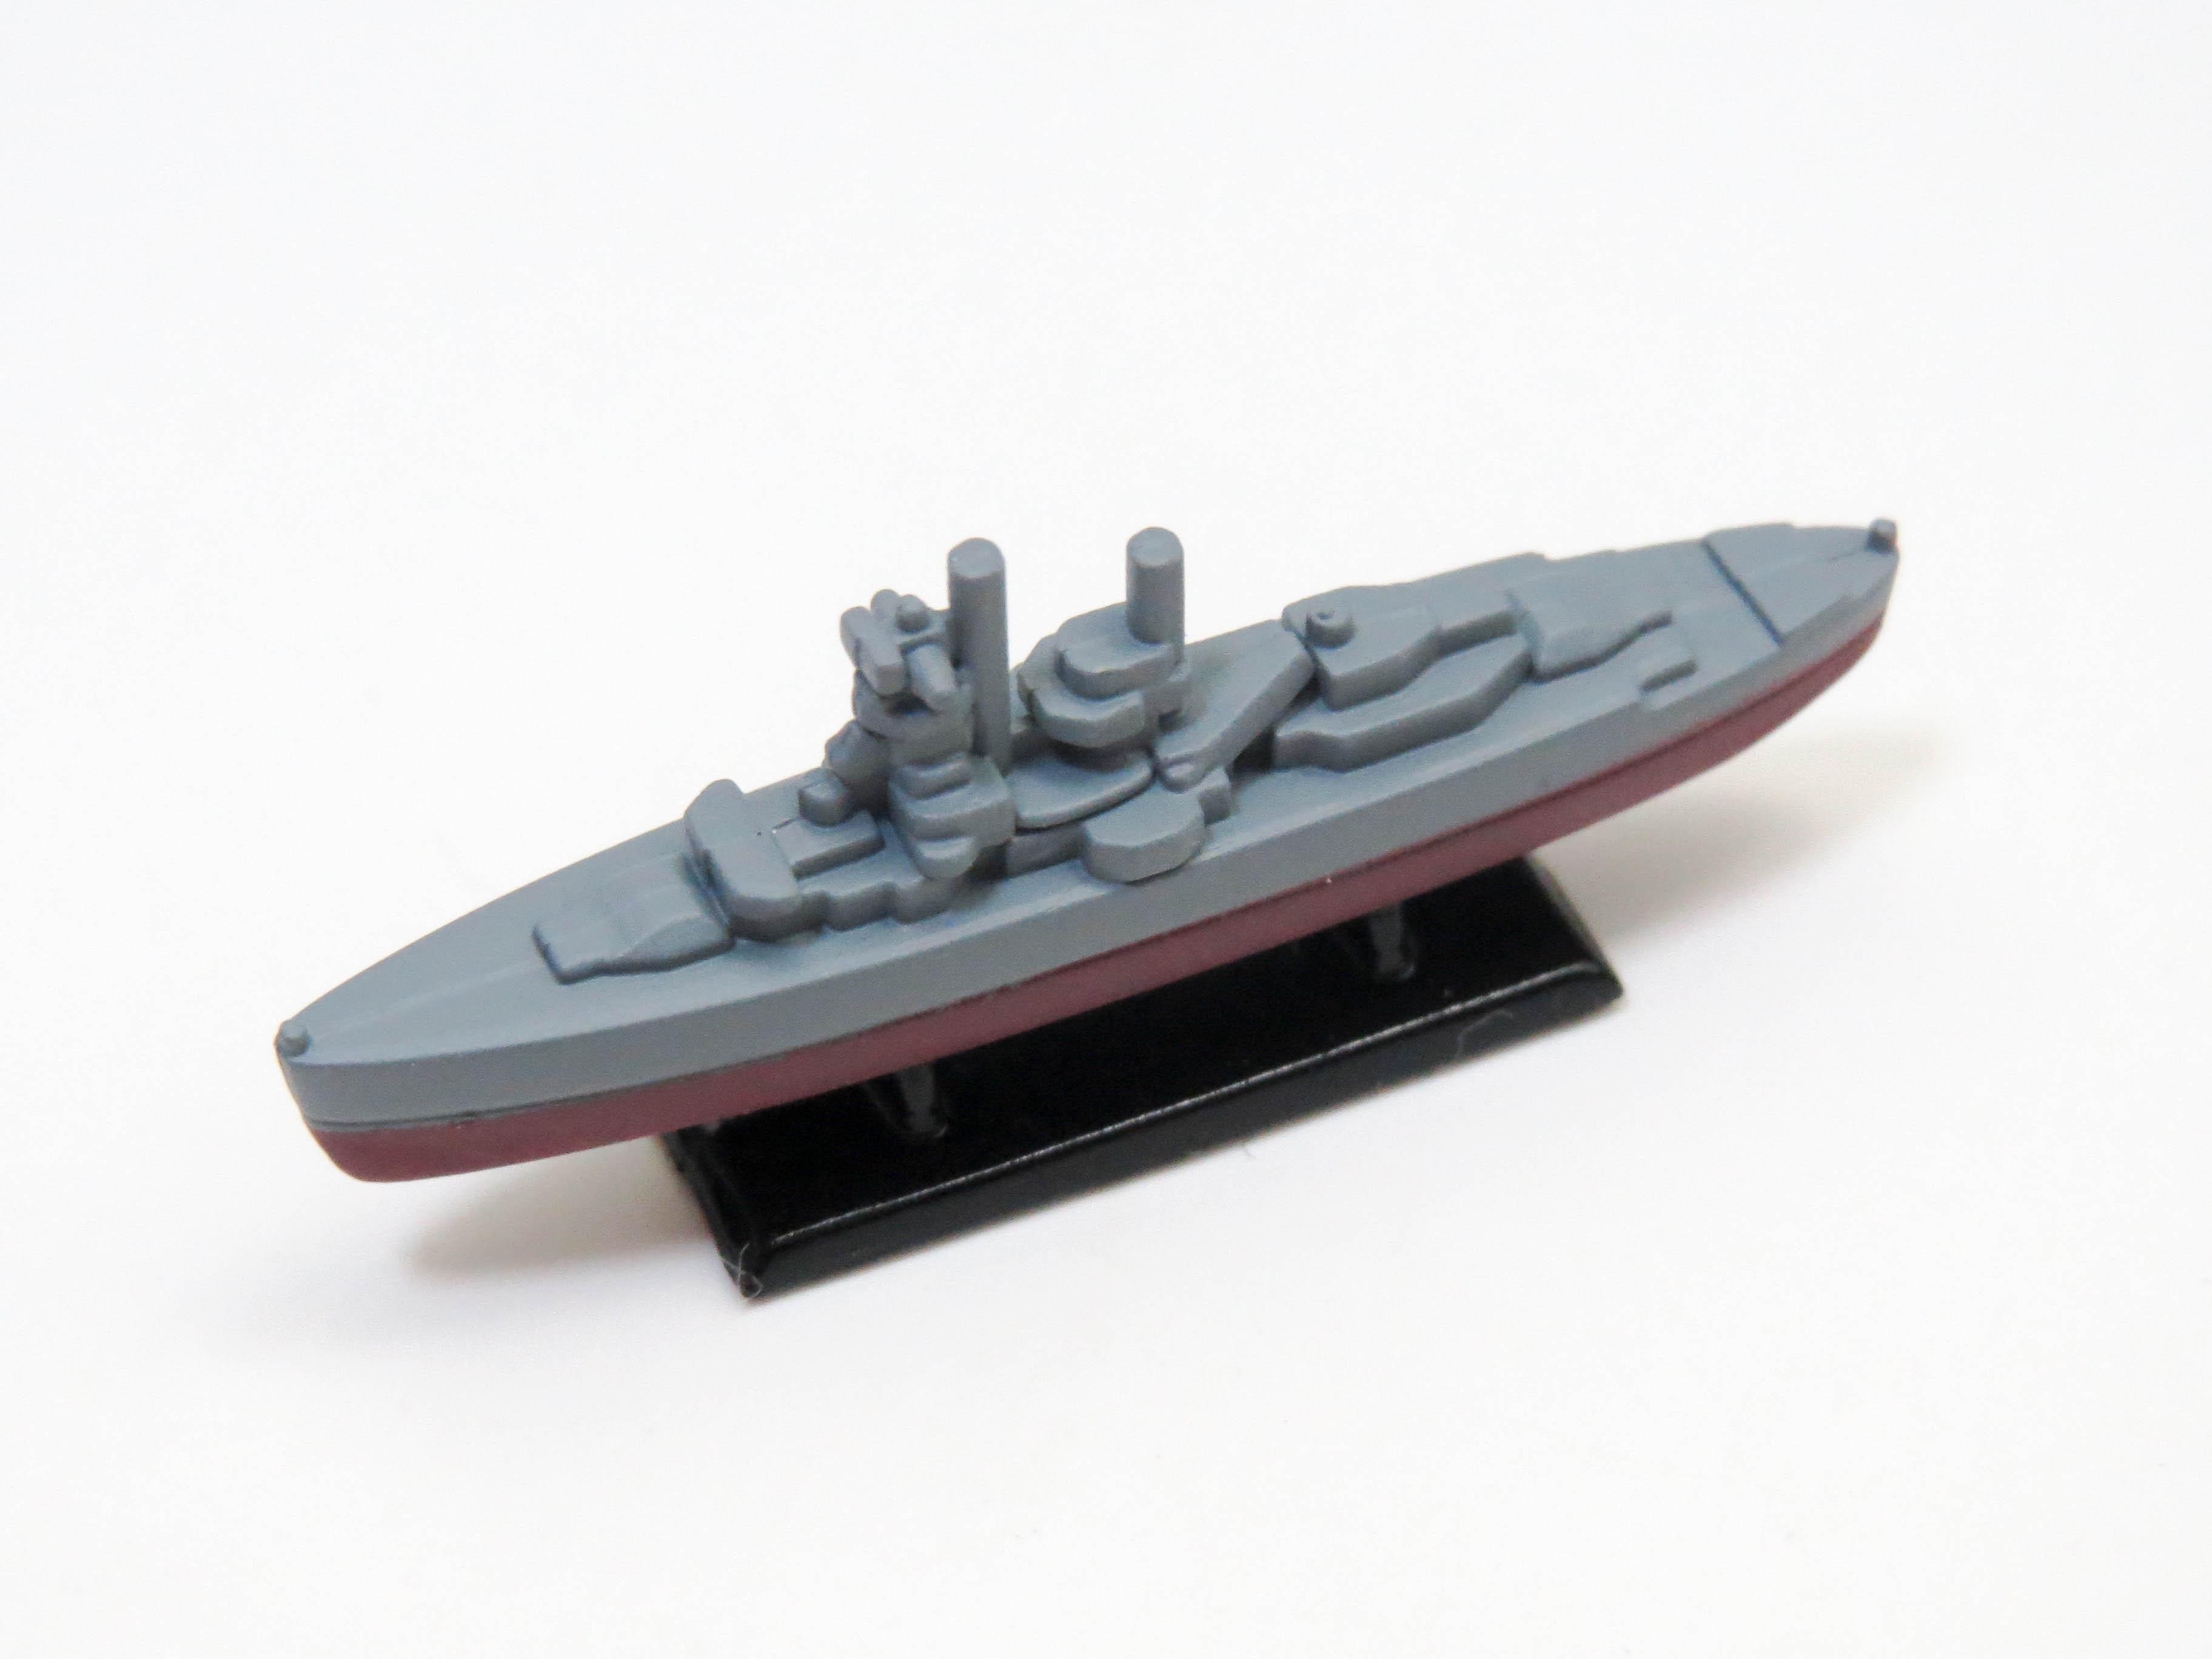 再入荷【693】 ヴィルヘルミーナ 小物パーツ 戦艦模型 ねんどろいど